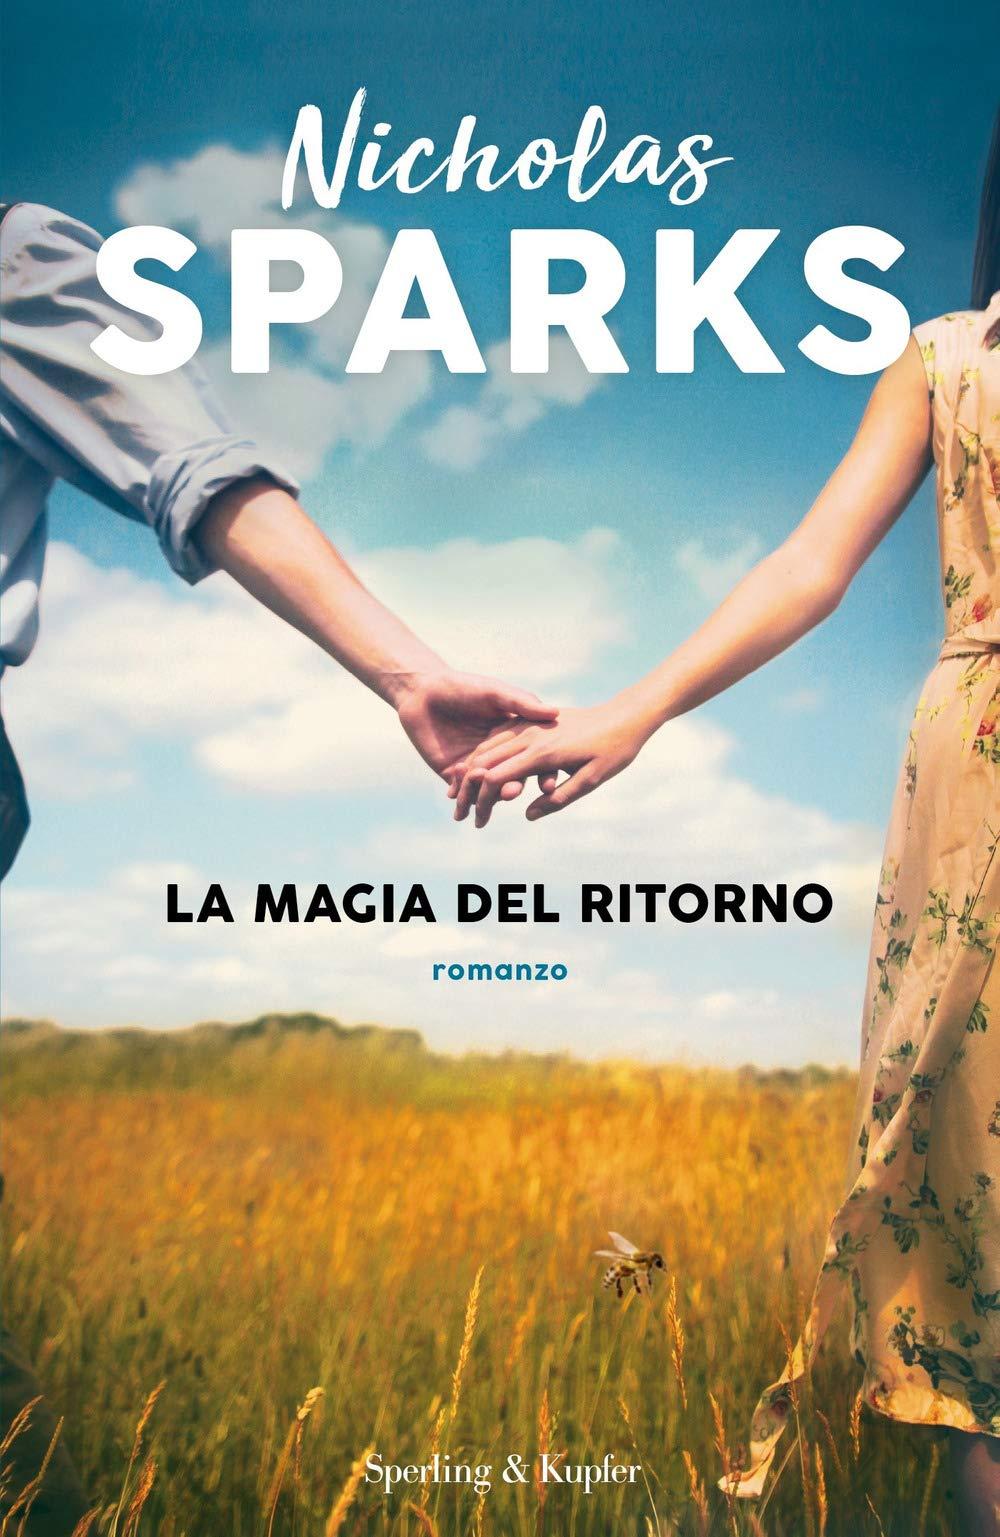 la magia del ritorno sparks